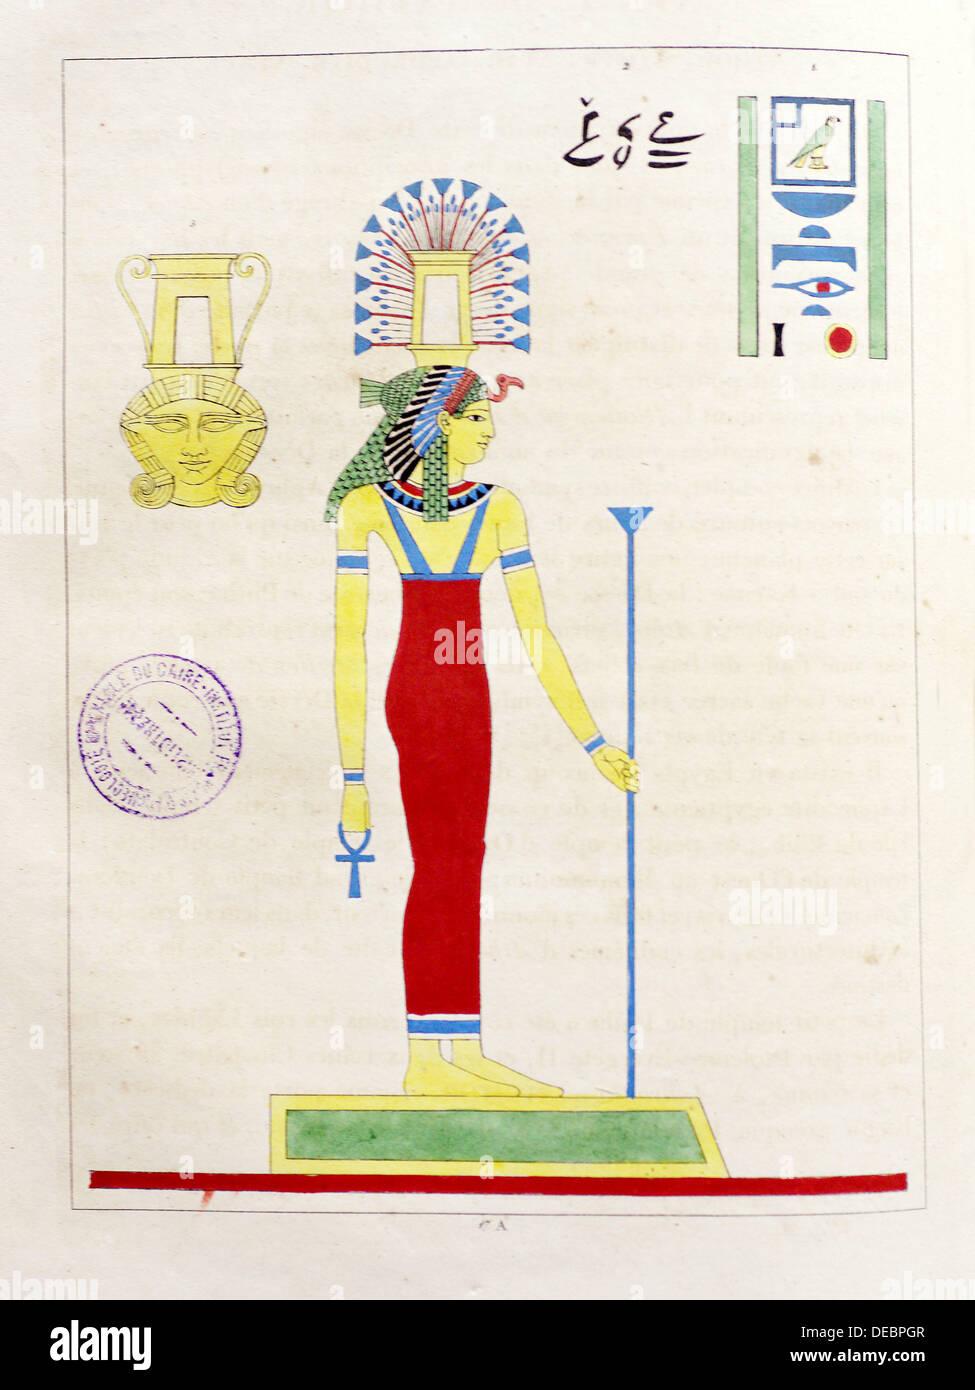 Page of ´Panthéon égyptien, ou collection des personnages mythologiques de l´ancienne Égypte´ (1823-25; Egyptian Pantheon, or - Stock Image